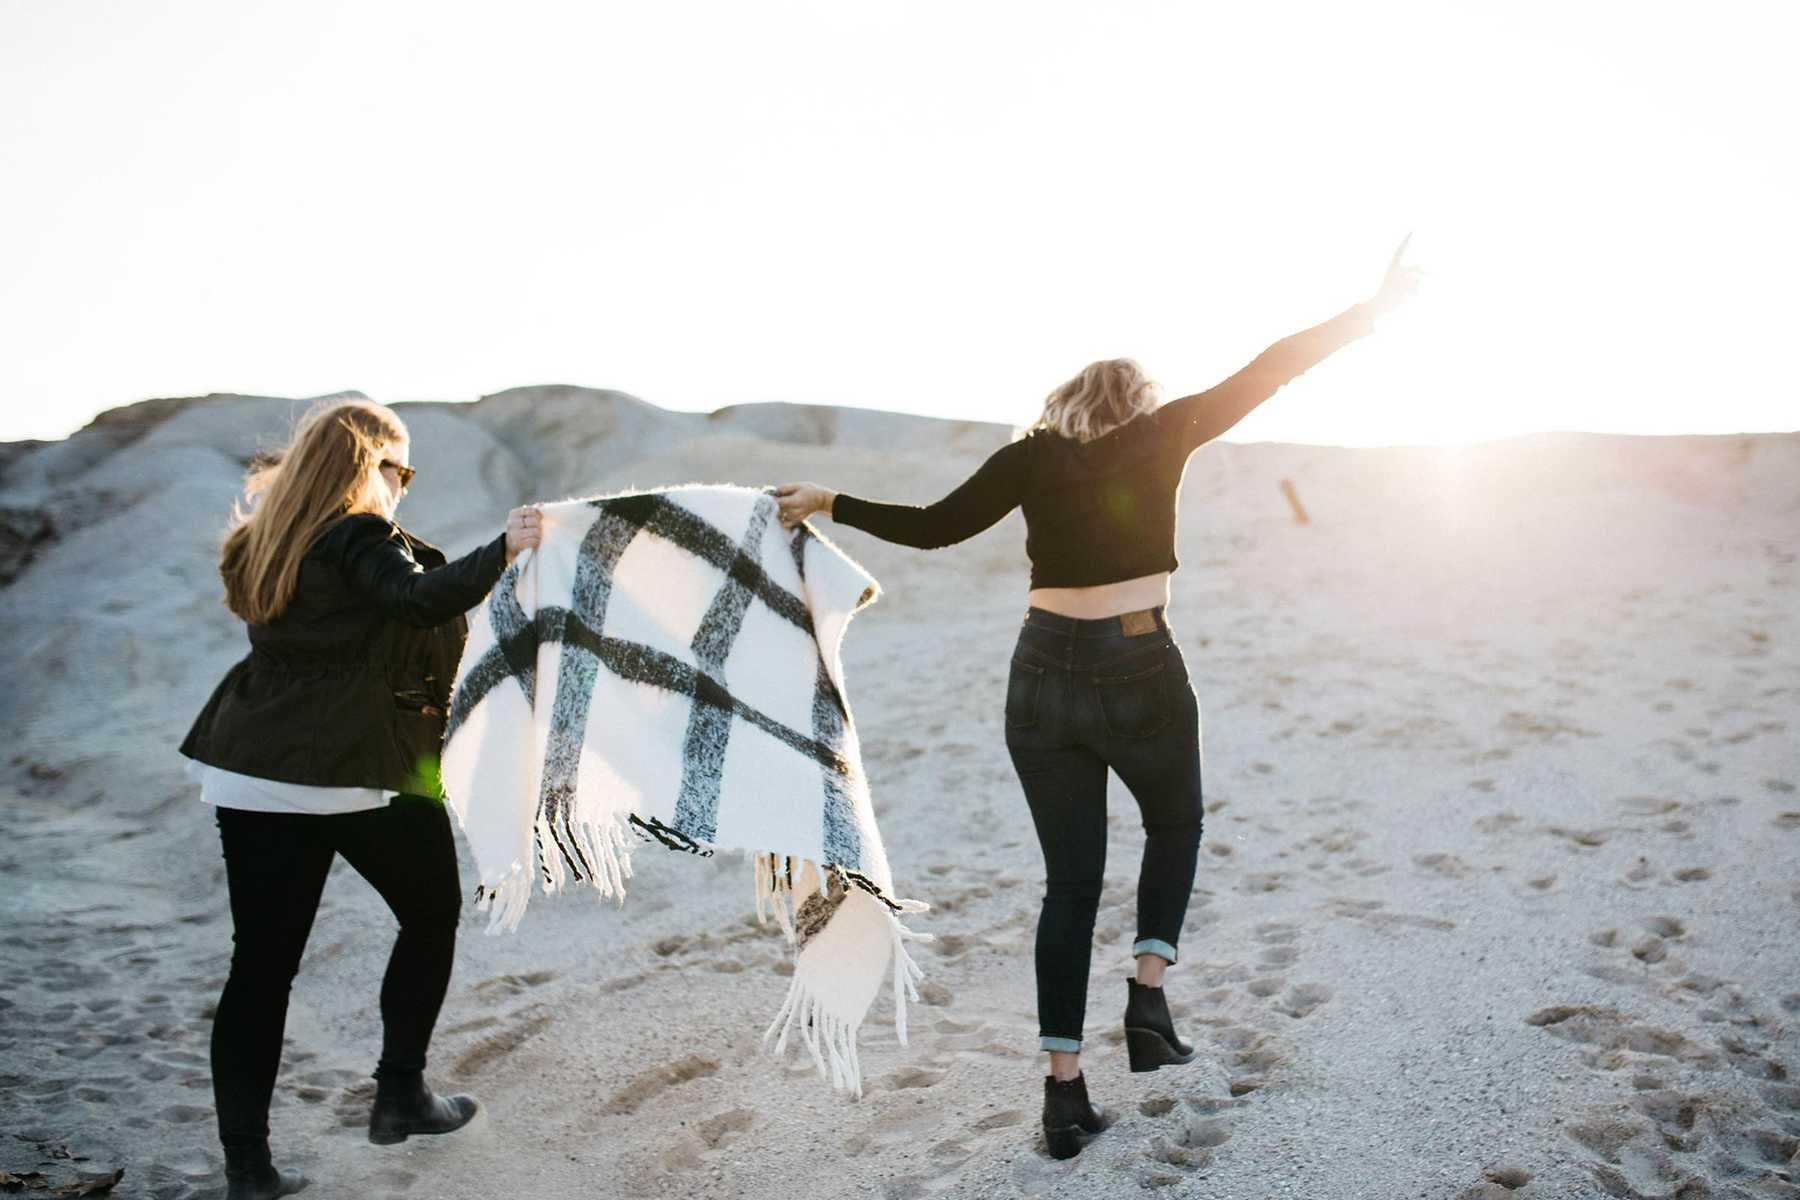 Hình ảnh hai cô gái cùng đi dưới trời nắng